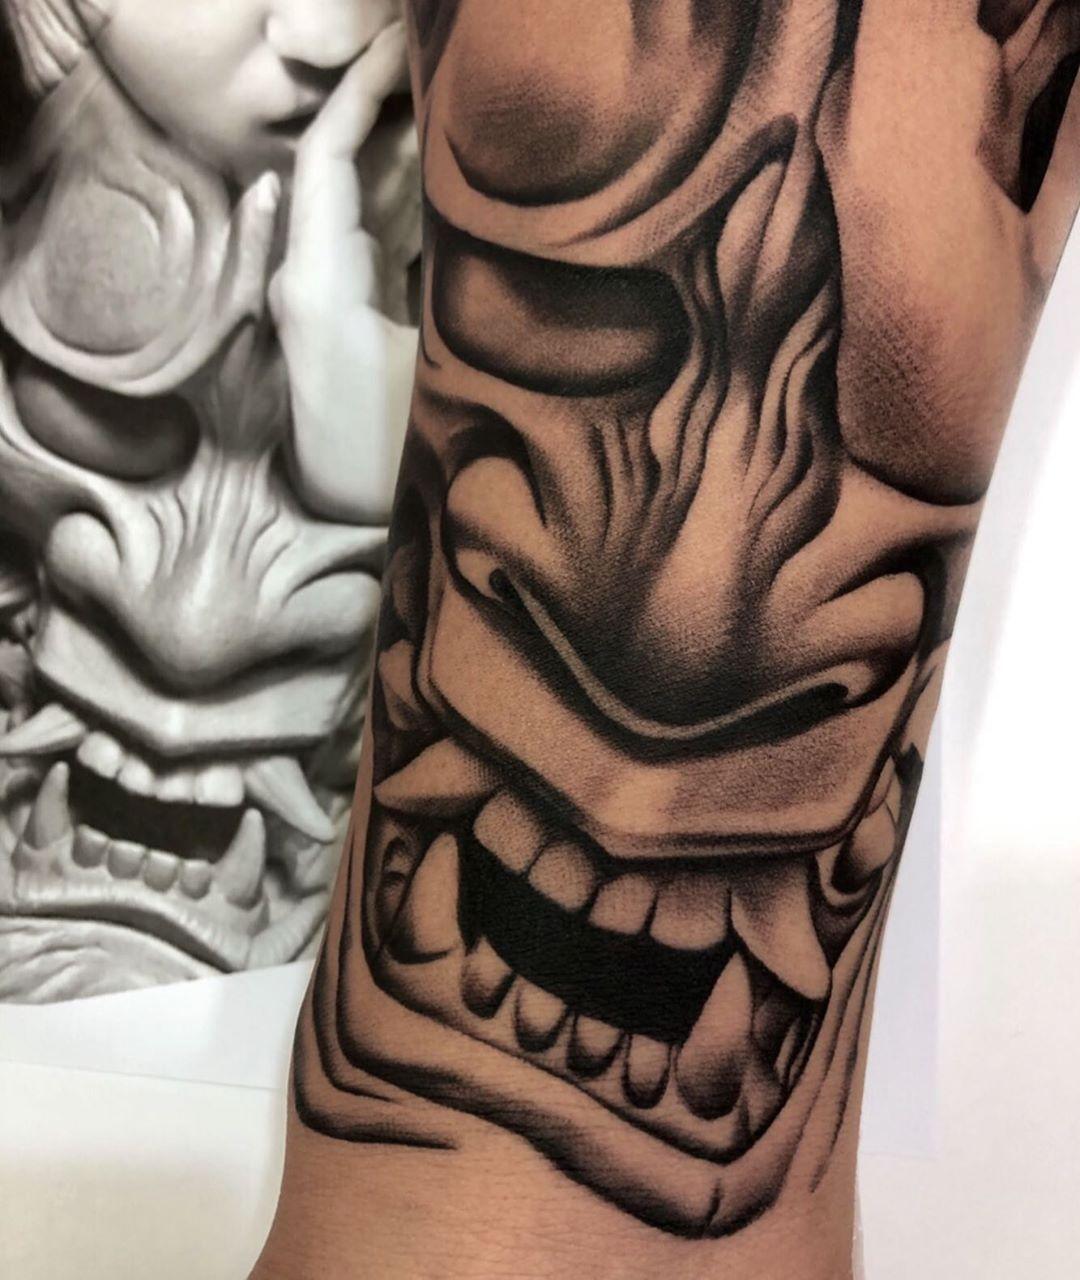 tattoo,tattooart,tattoowork,thebestspaintattooartists,hannyatattoo,ink,inked,ciudadreal,madrid,realismotattoo,thebest,tattooartist,blackandgray